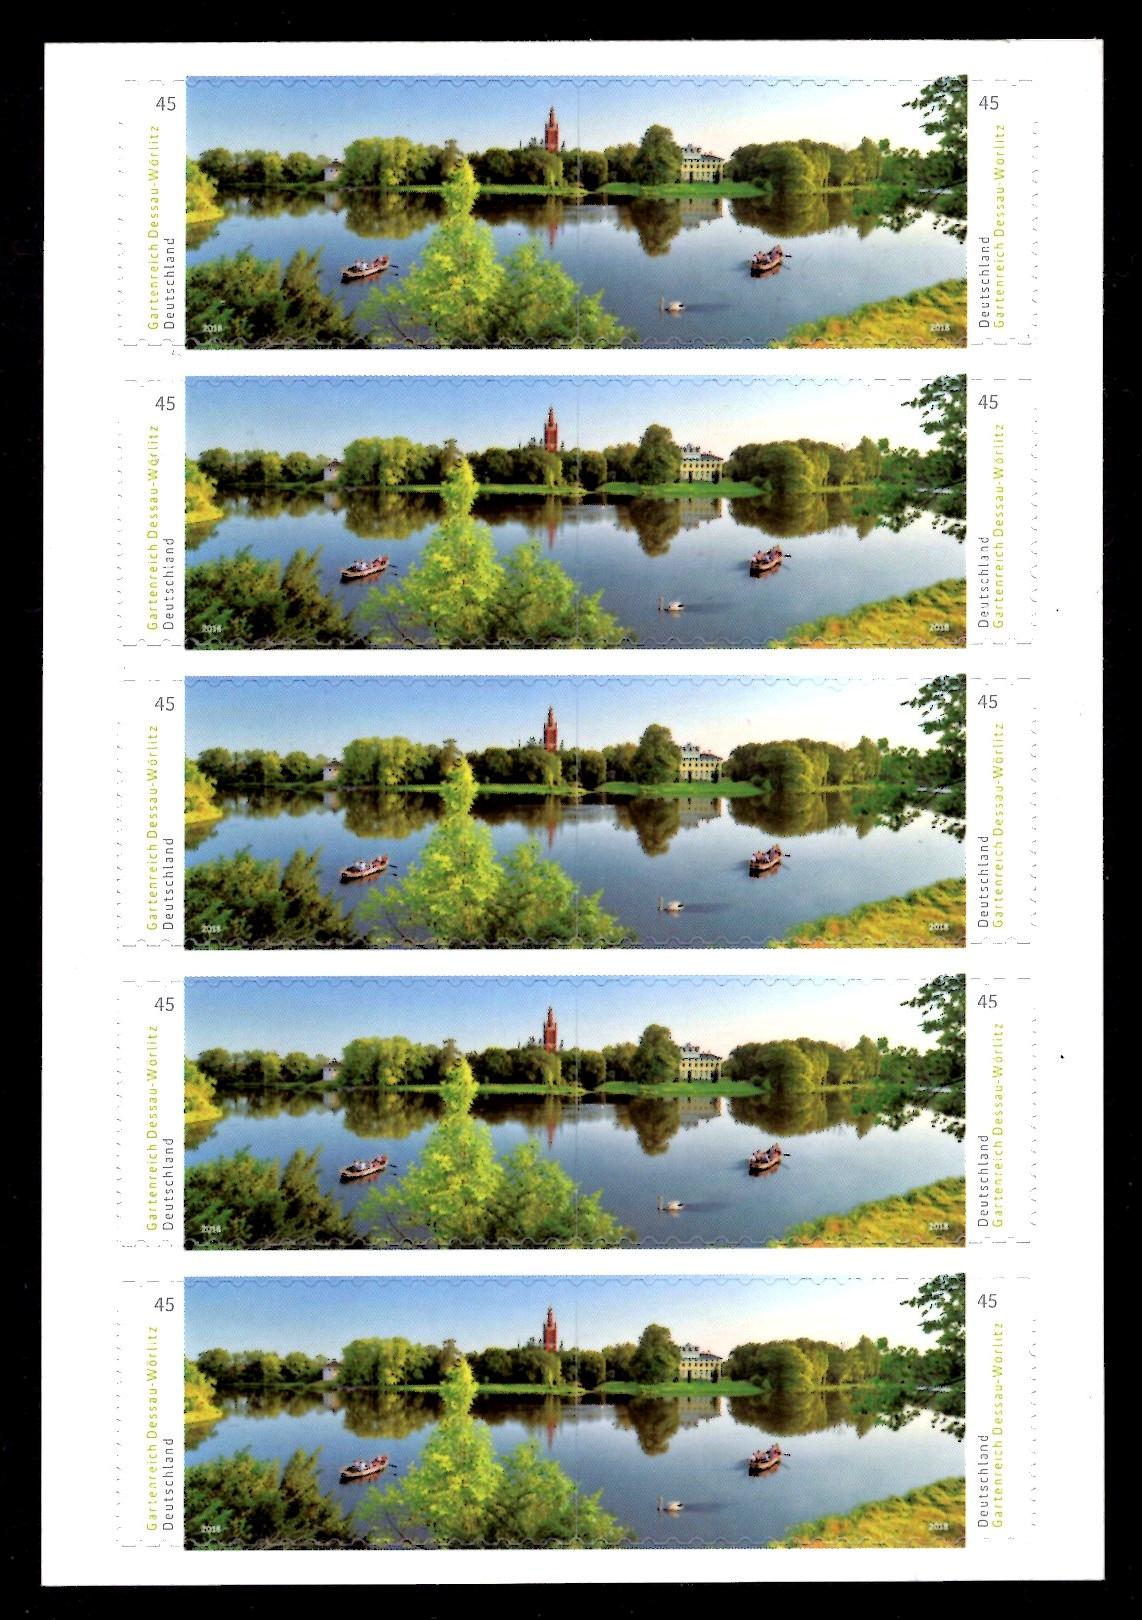 FBL 079 Gartenreich Dessau-Wörlitz